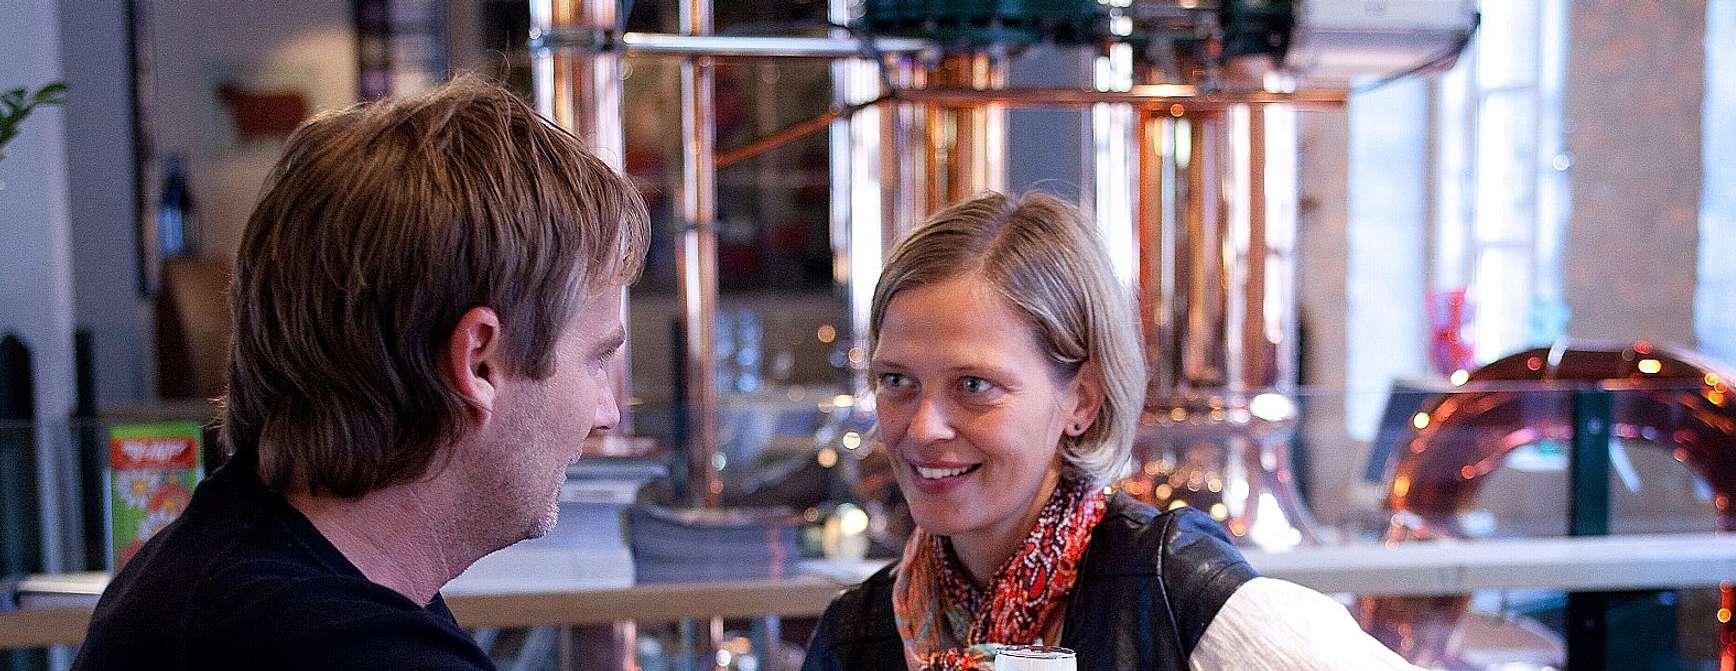 Kan det bli hyggeligere? Sitte med en god venn over et godt glass på et bryggeri i Aalborg. Foto: Visit Denmark